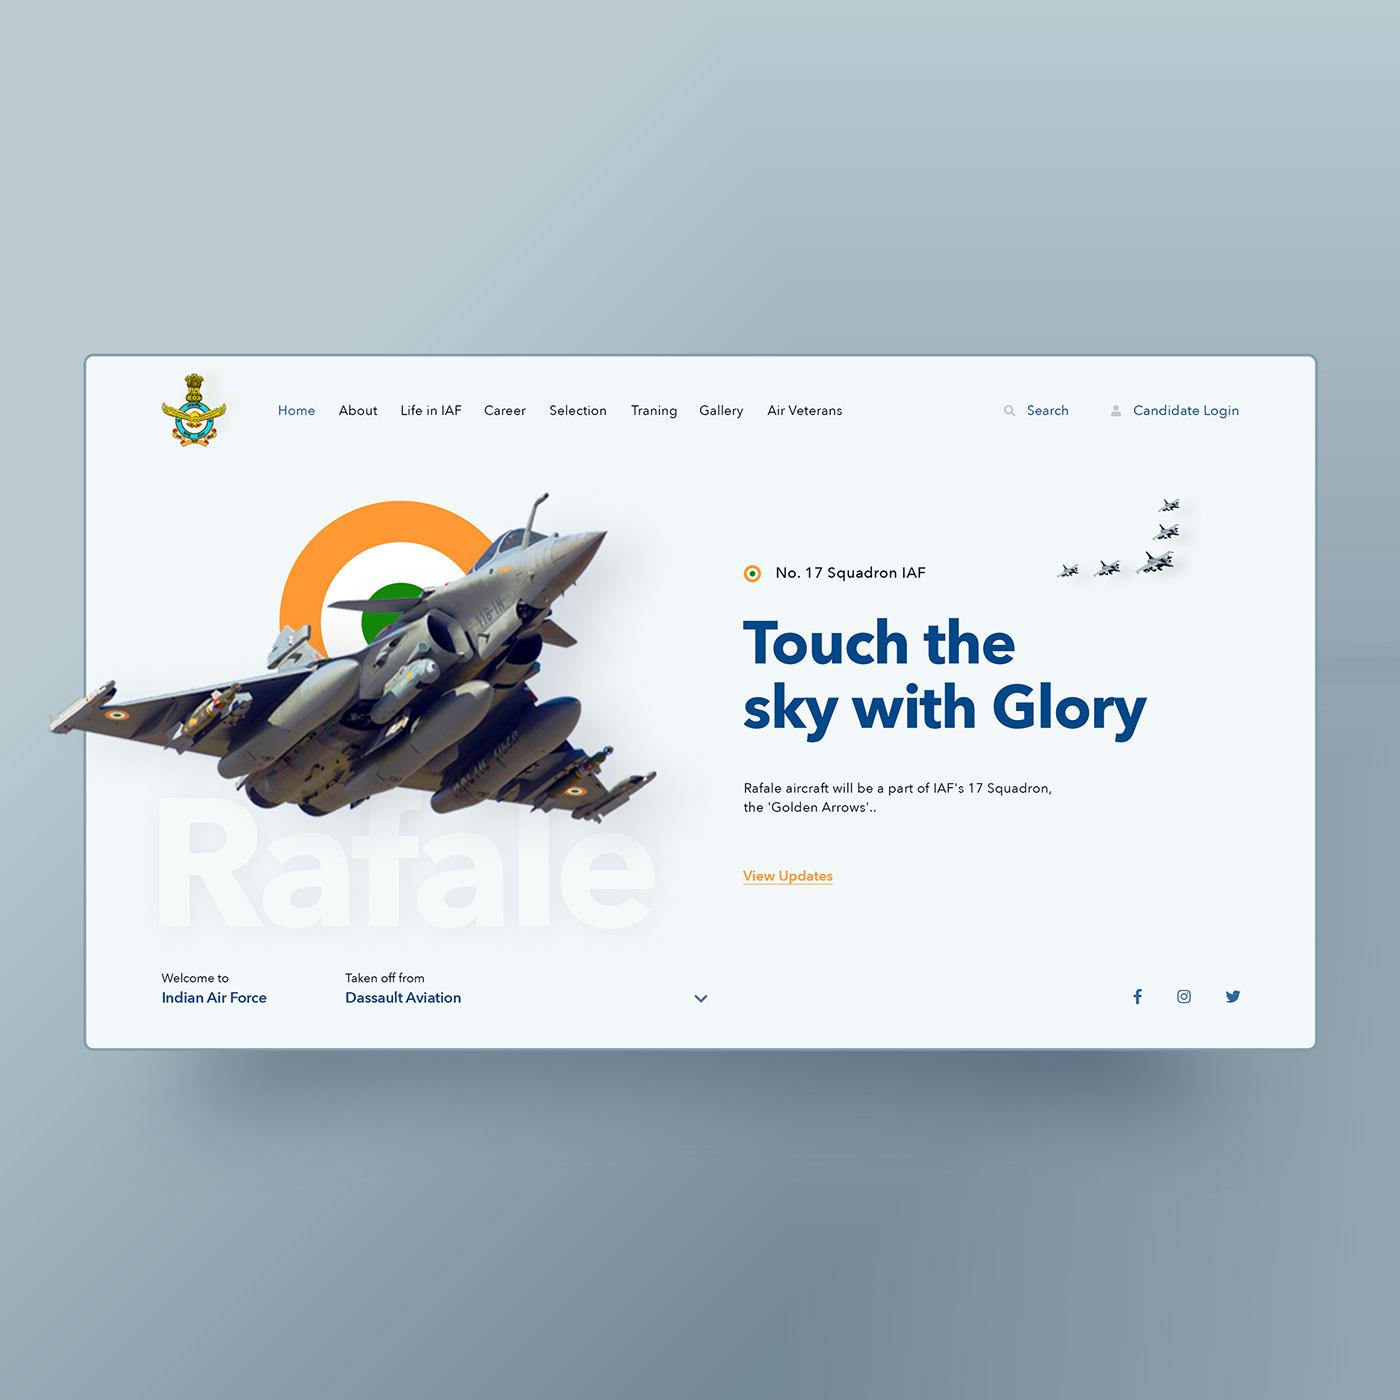 design designers dribbble fighter jet minimal designs ui designs UX Designs web designs web development  Website Designs